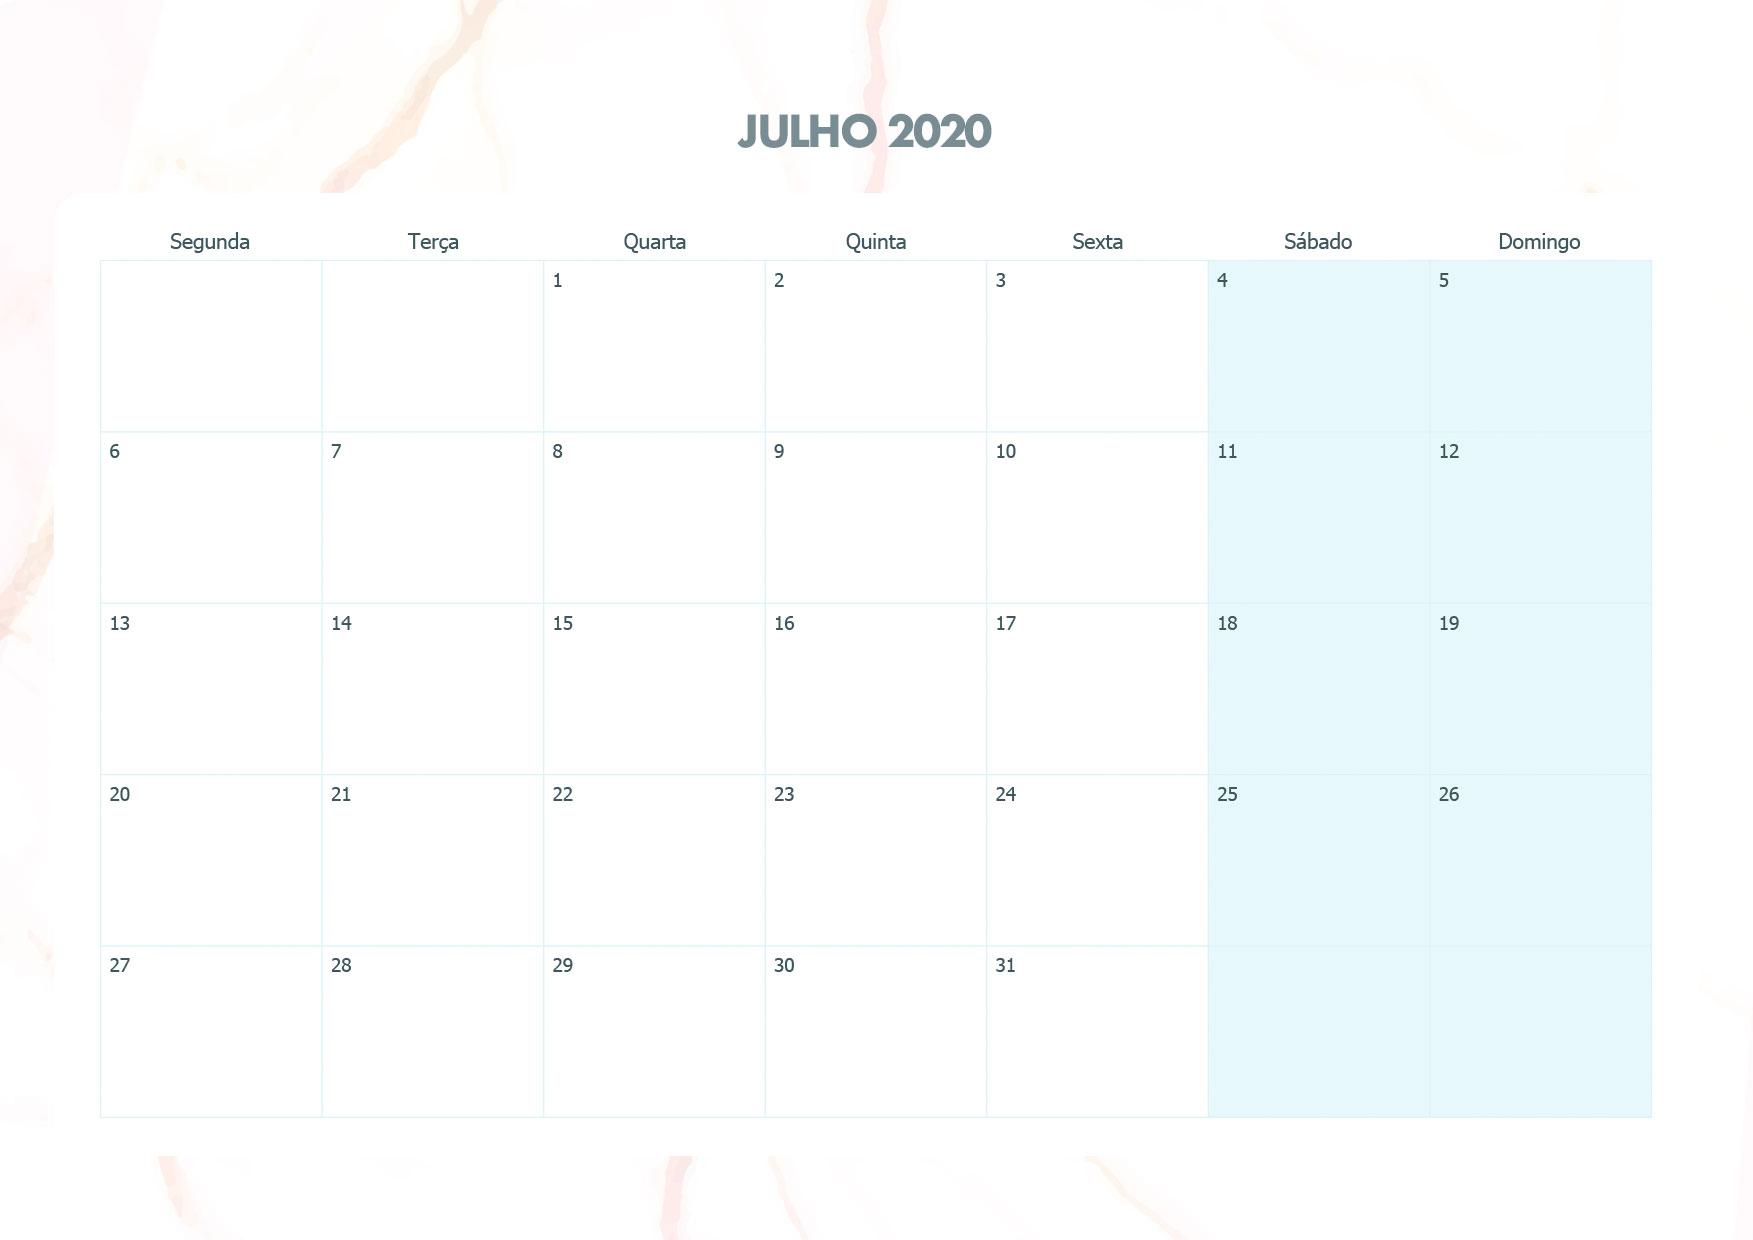 Calendario Mensal Marmore Julho 2020